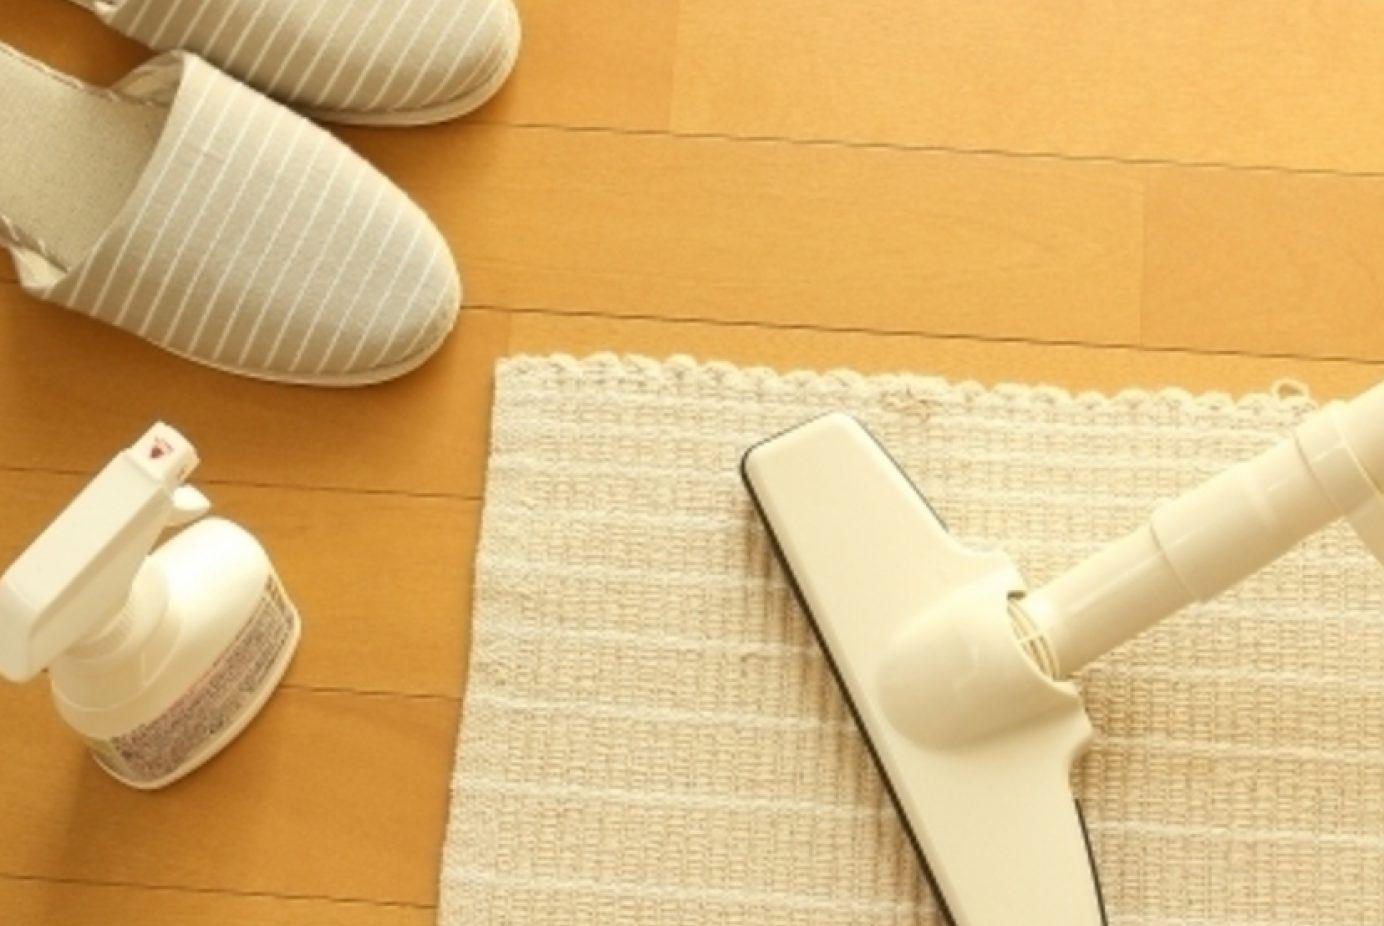 讓房間永保乾淨整齊很簡單!在家就可以使用的超強收納術